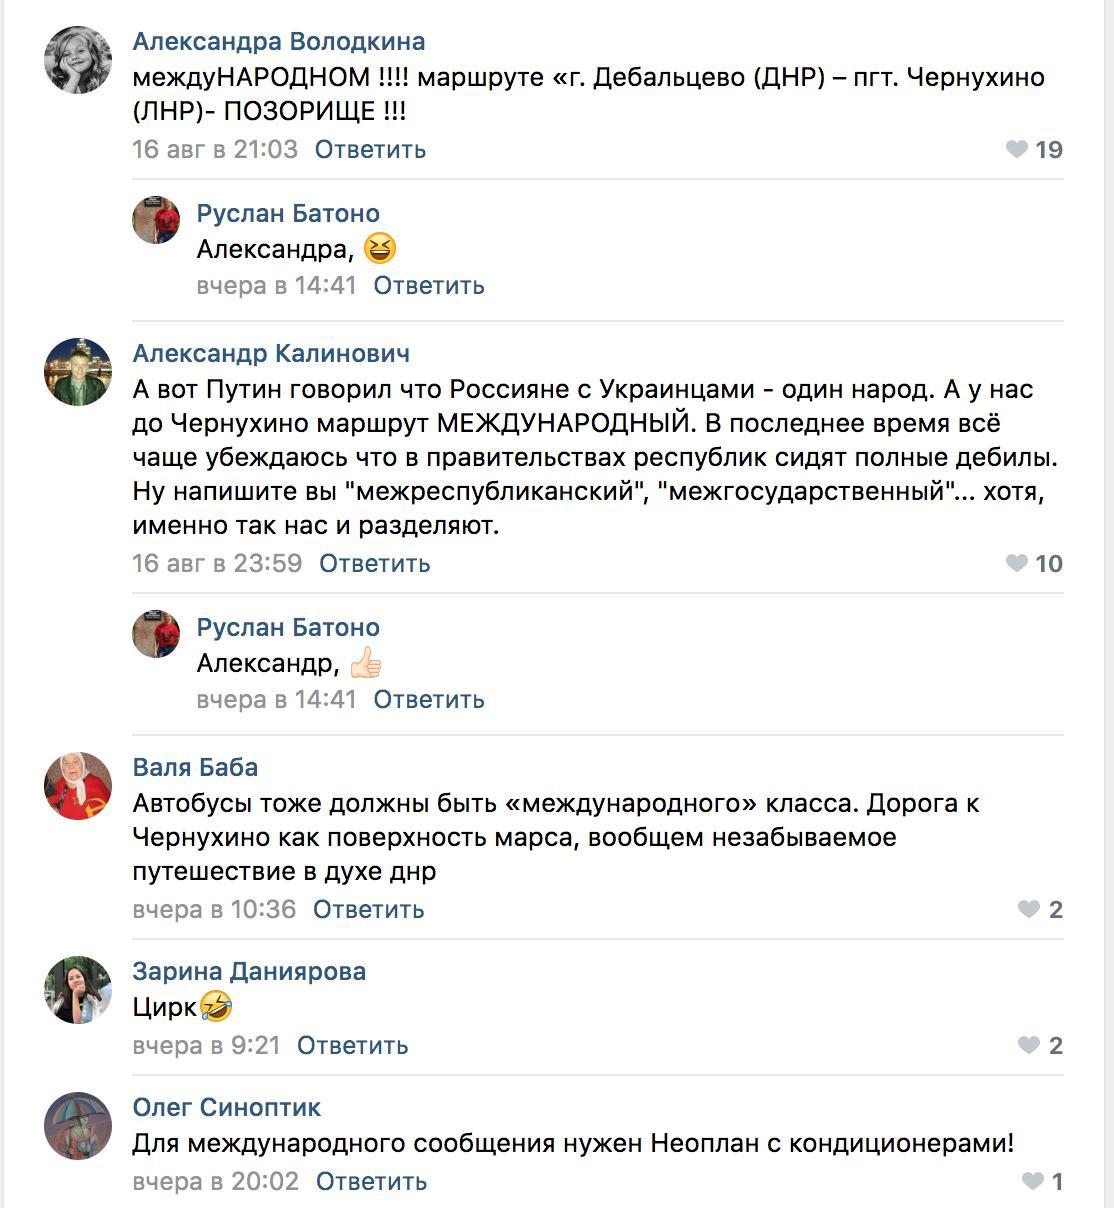 ДНР_автобусы